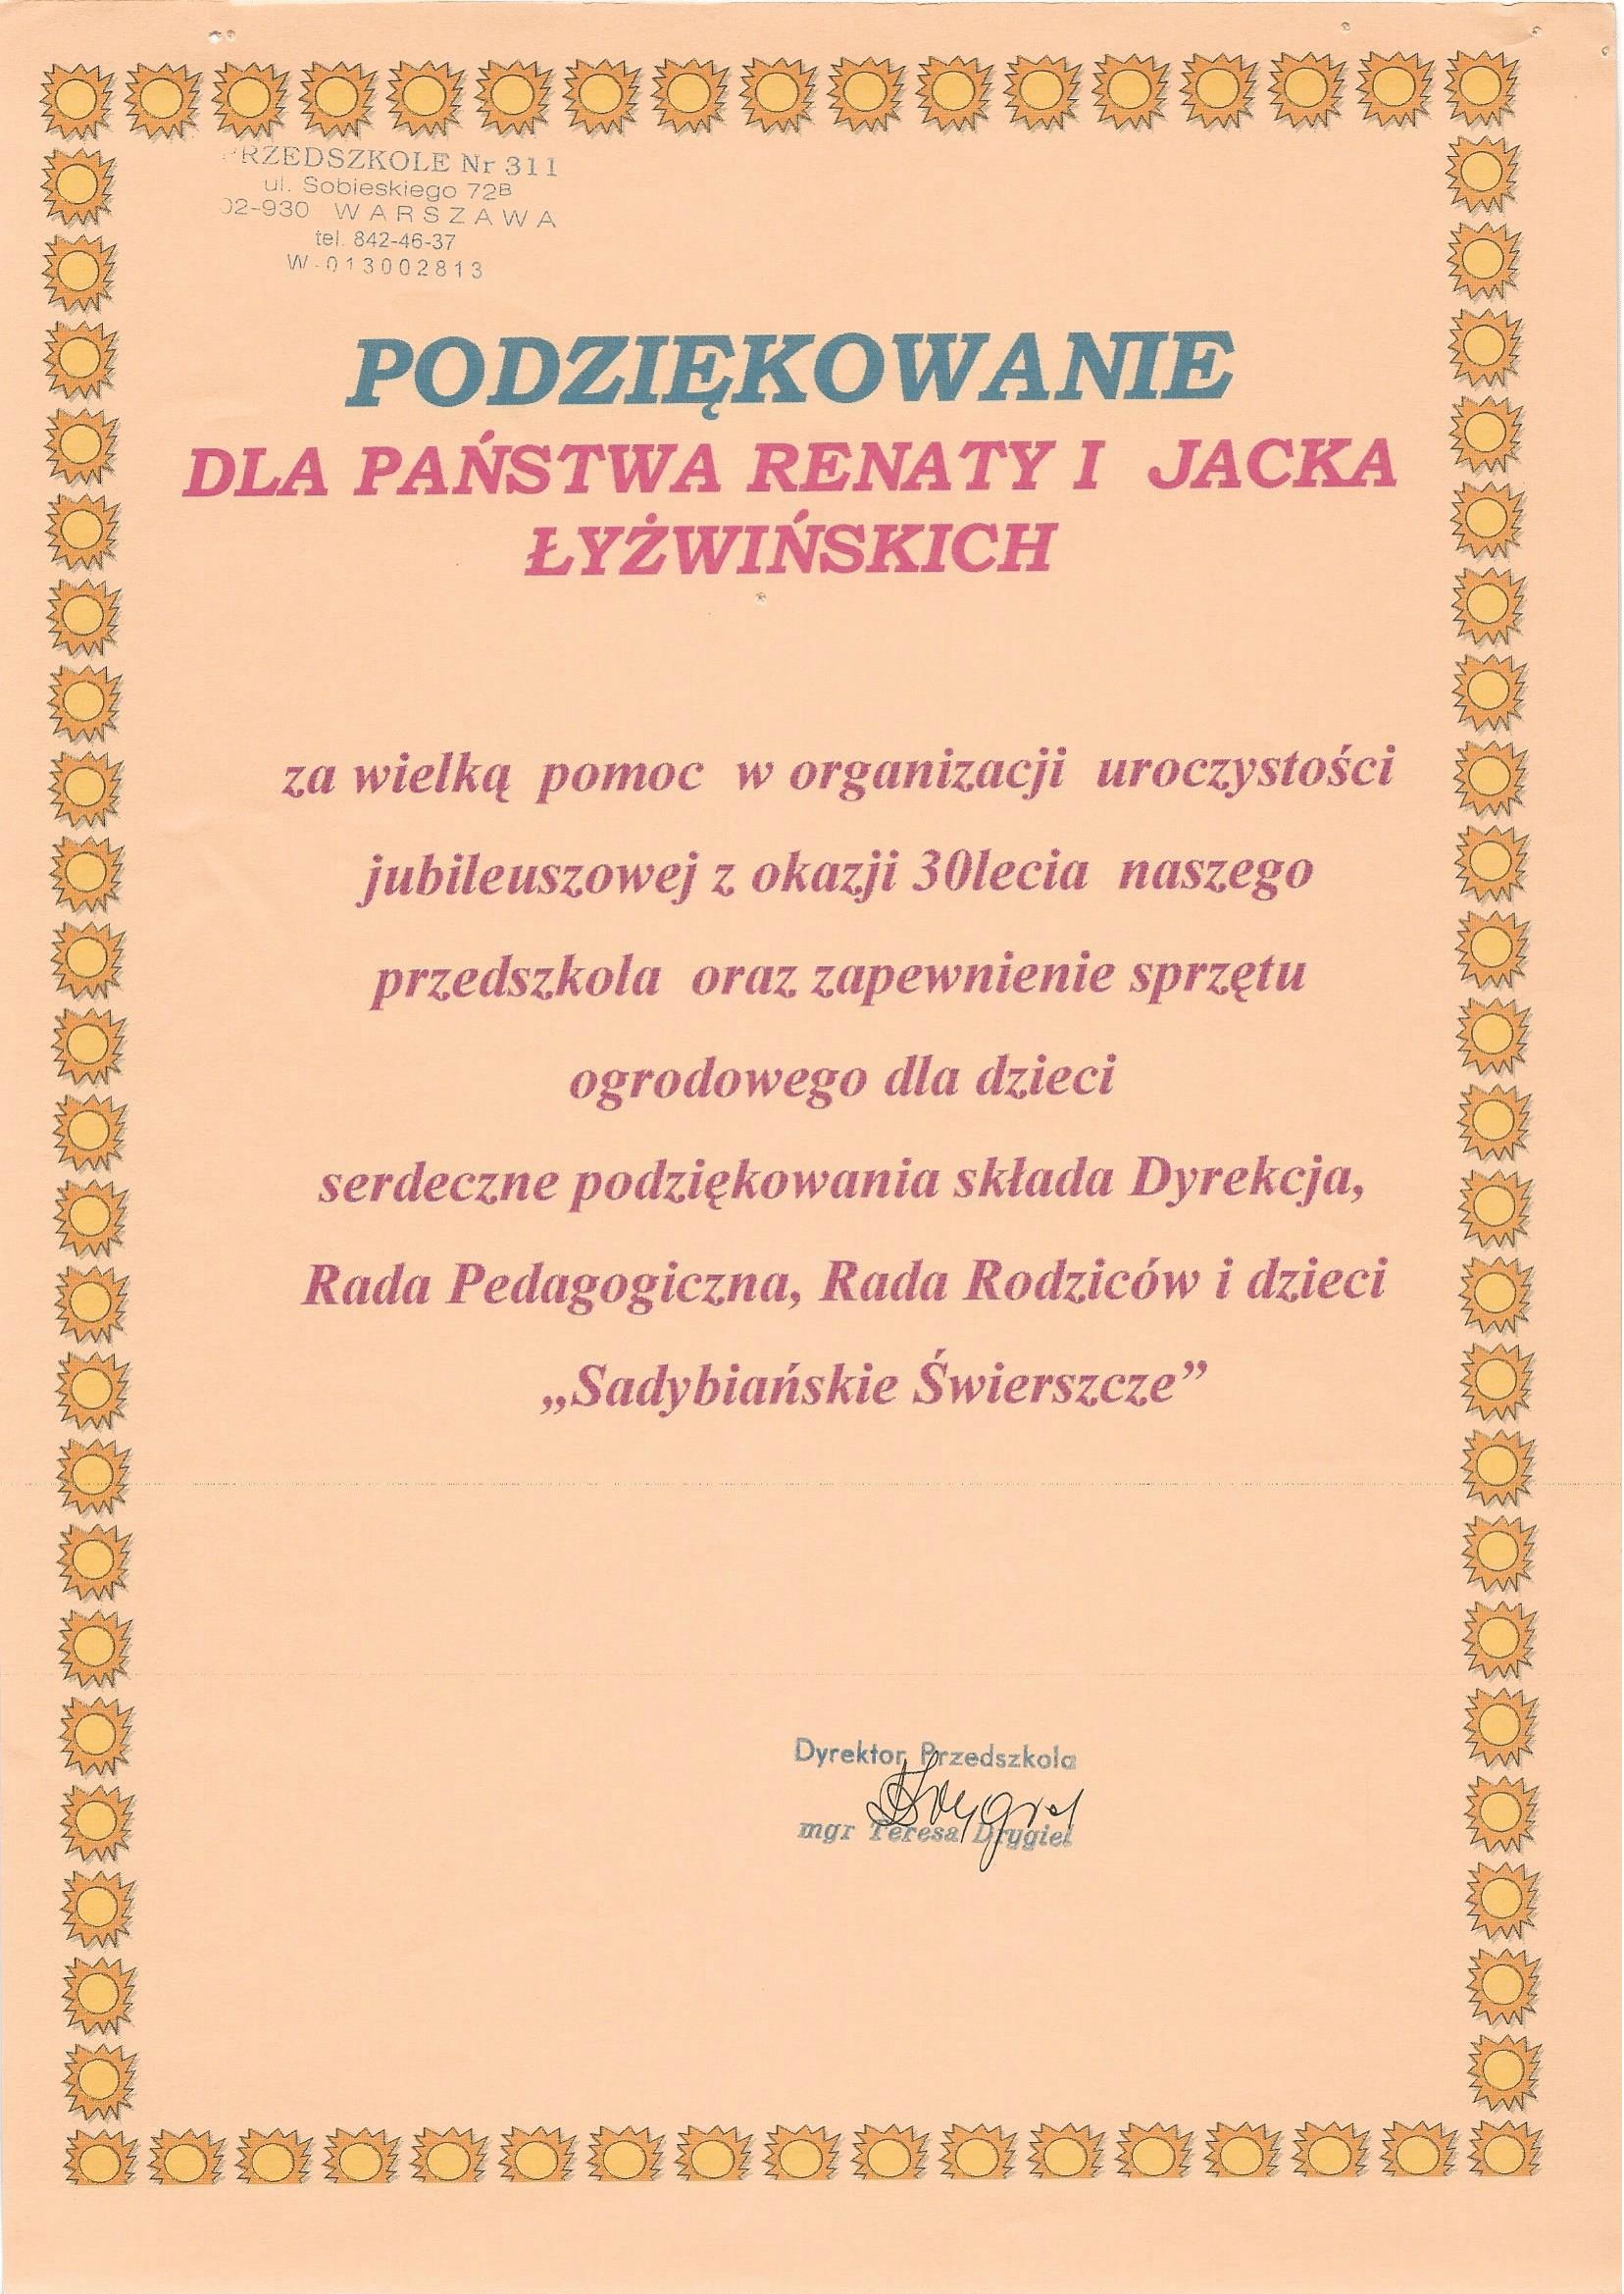 Przedszkole nr311, Warszawa